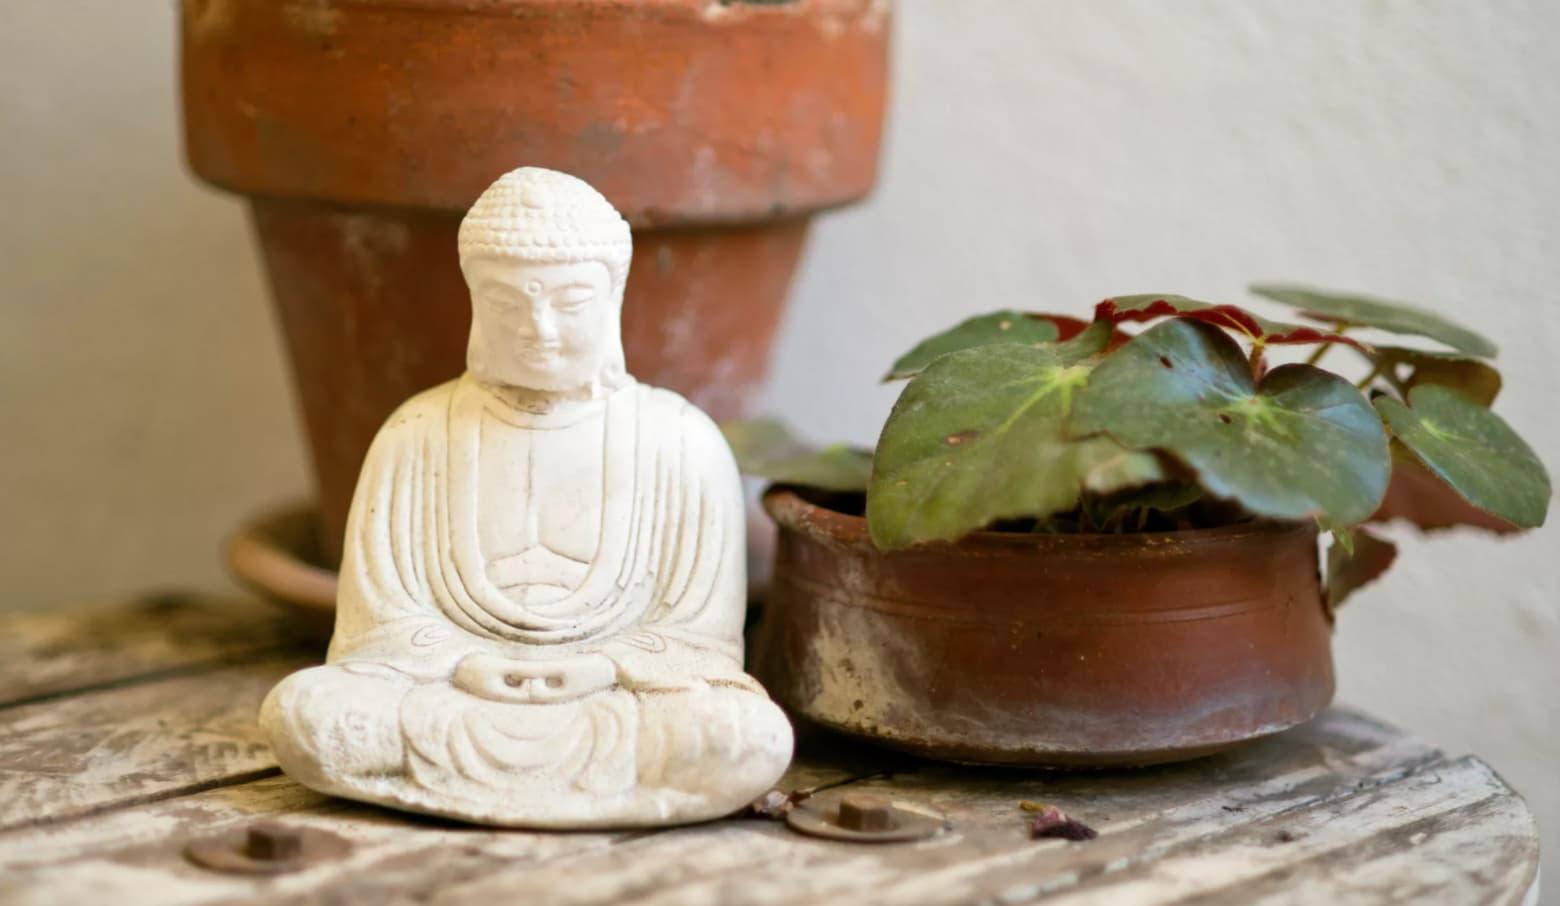 fen shuj v interere kak ispolzovat obychnye predmety dekora duhovnye napominaniya